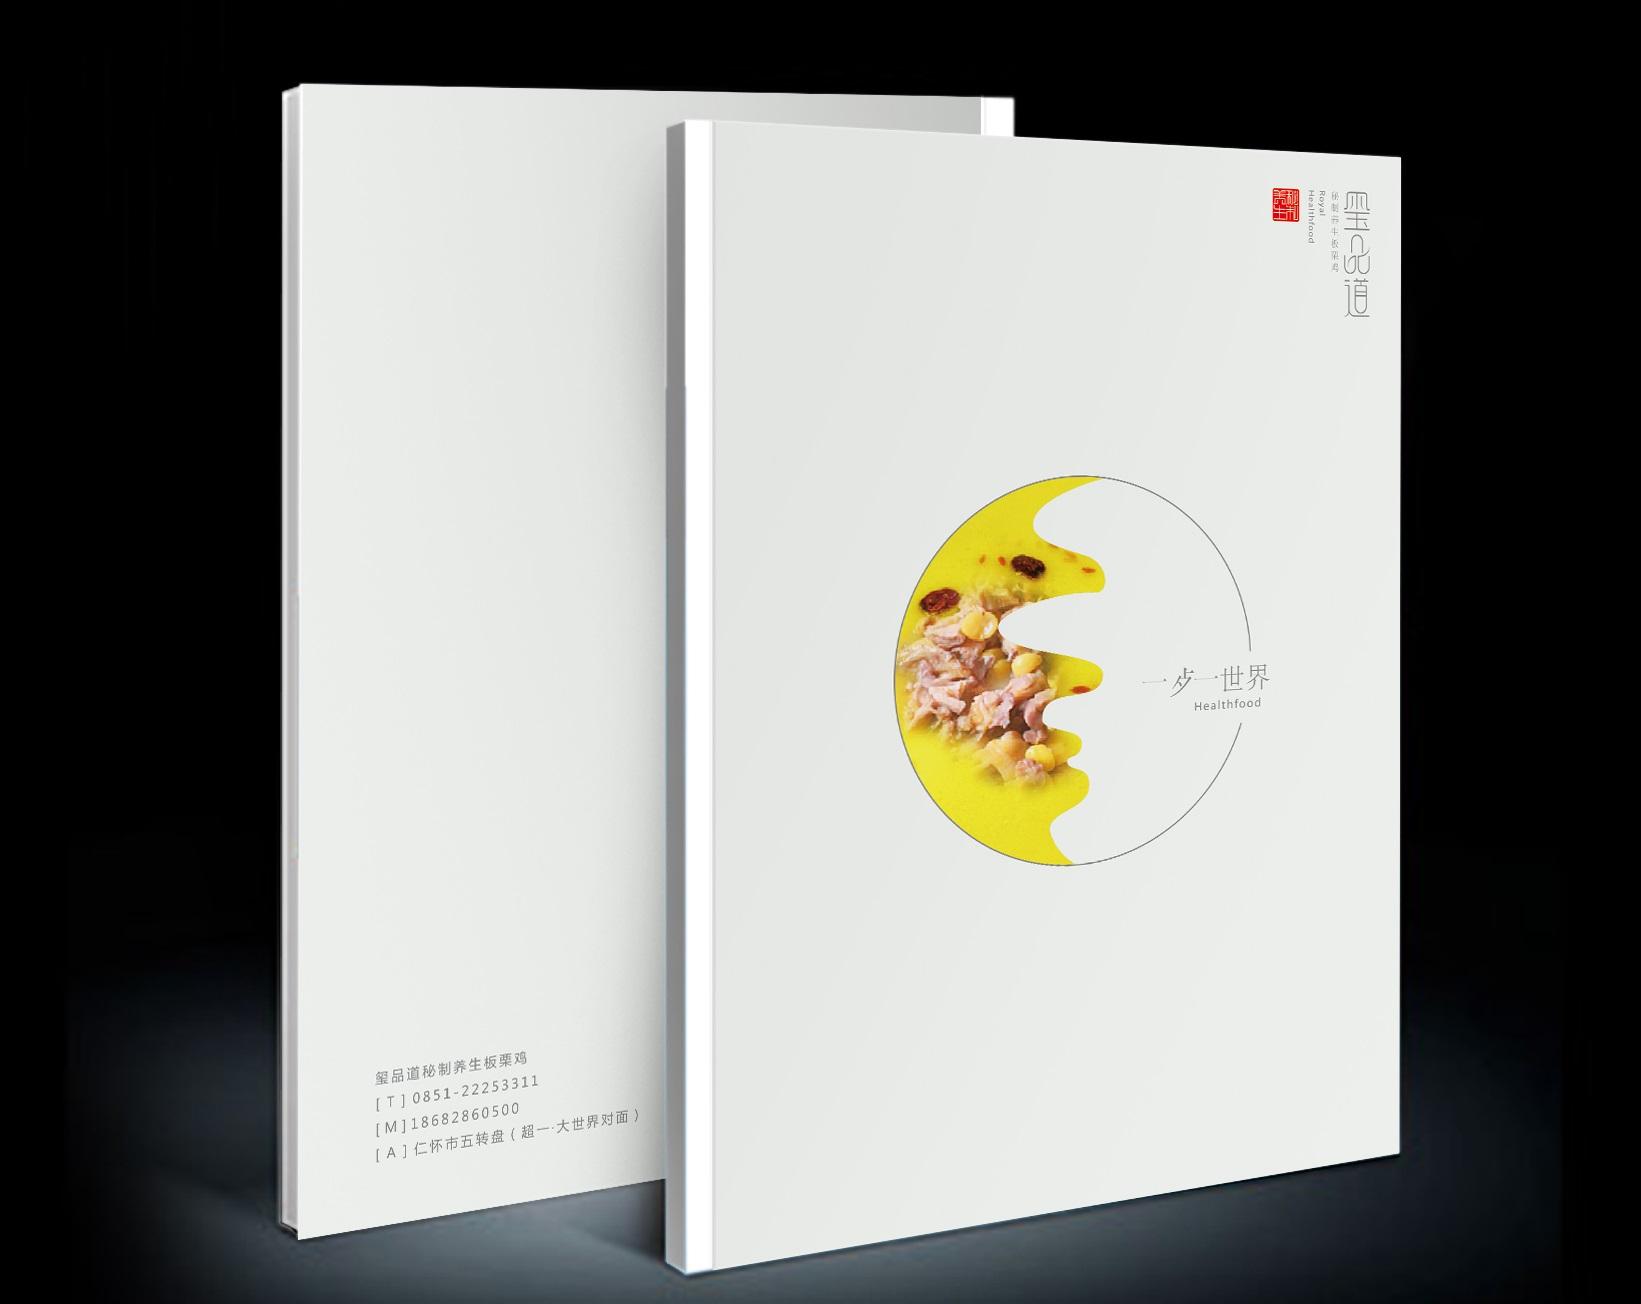 玺品道画册-品牌VI设计改良